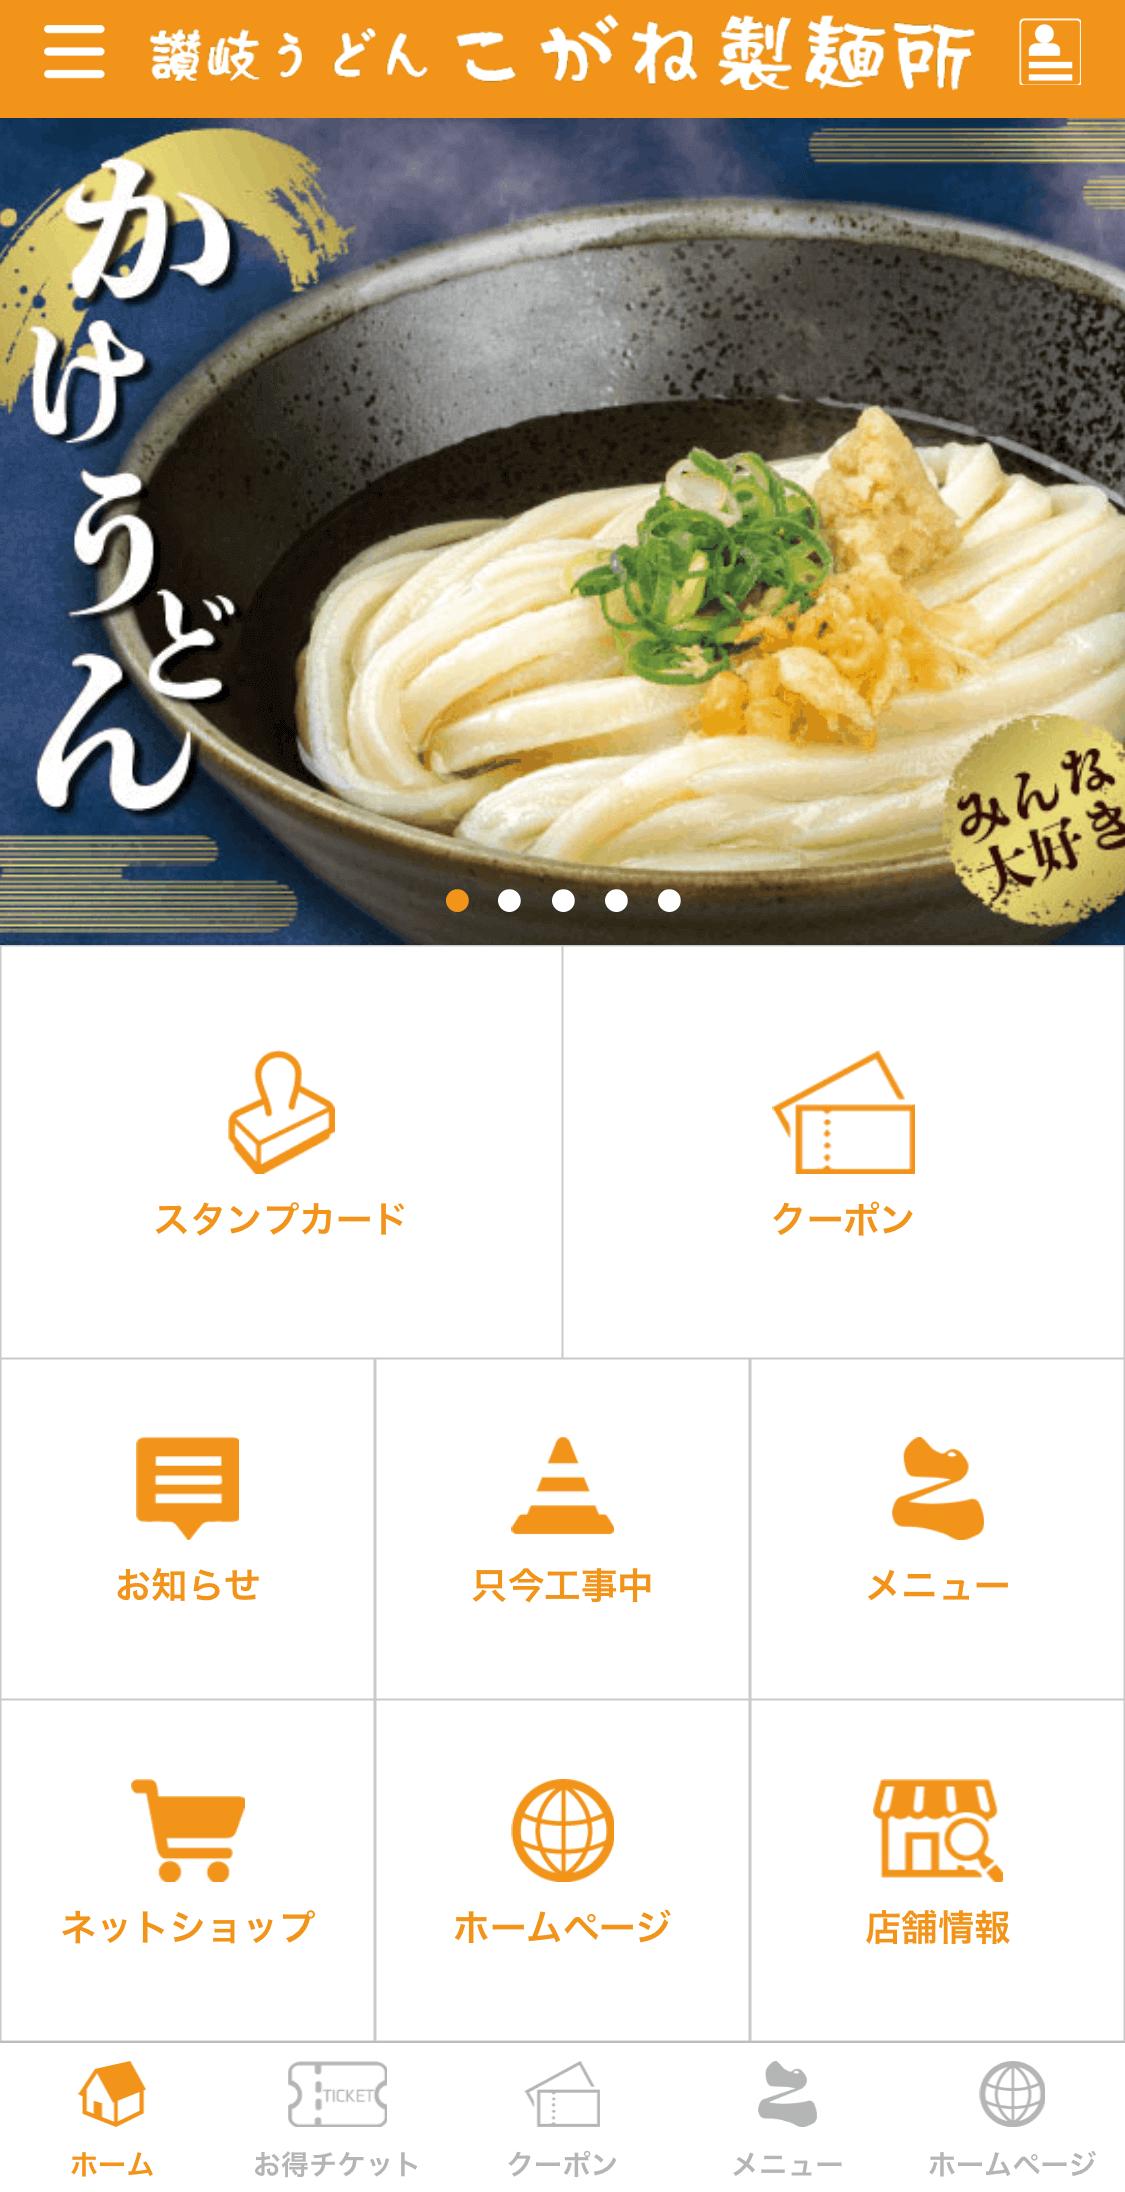 こがね製麺所 公式アプリ画面